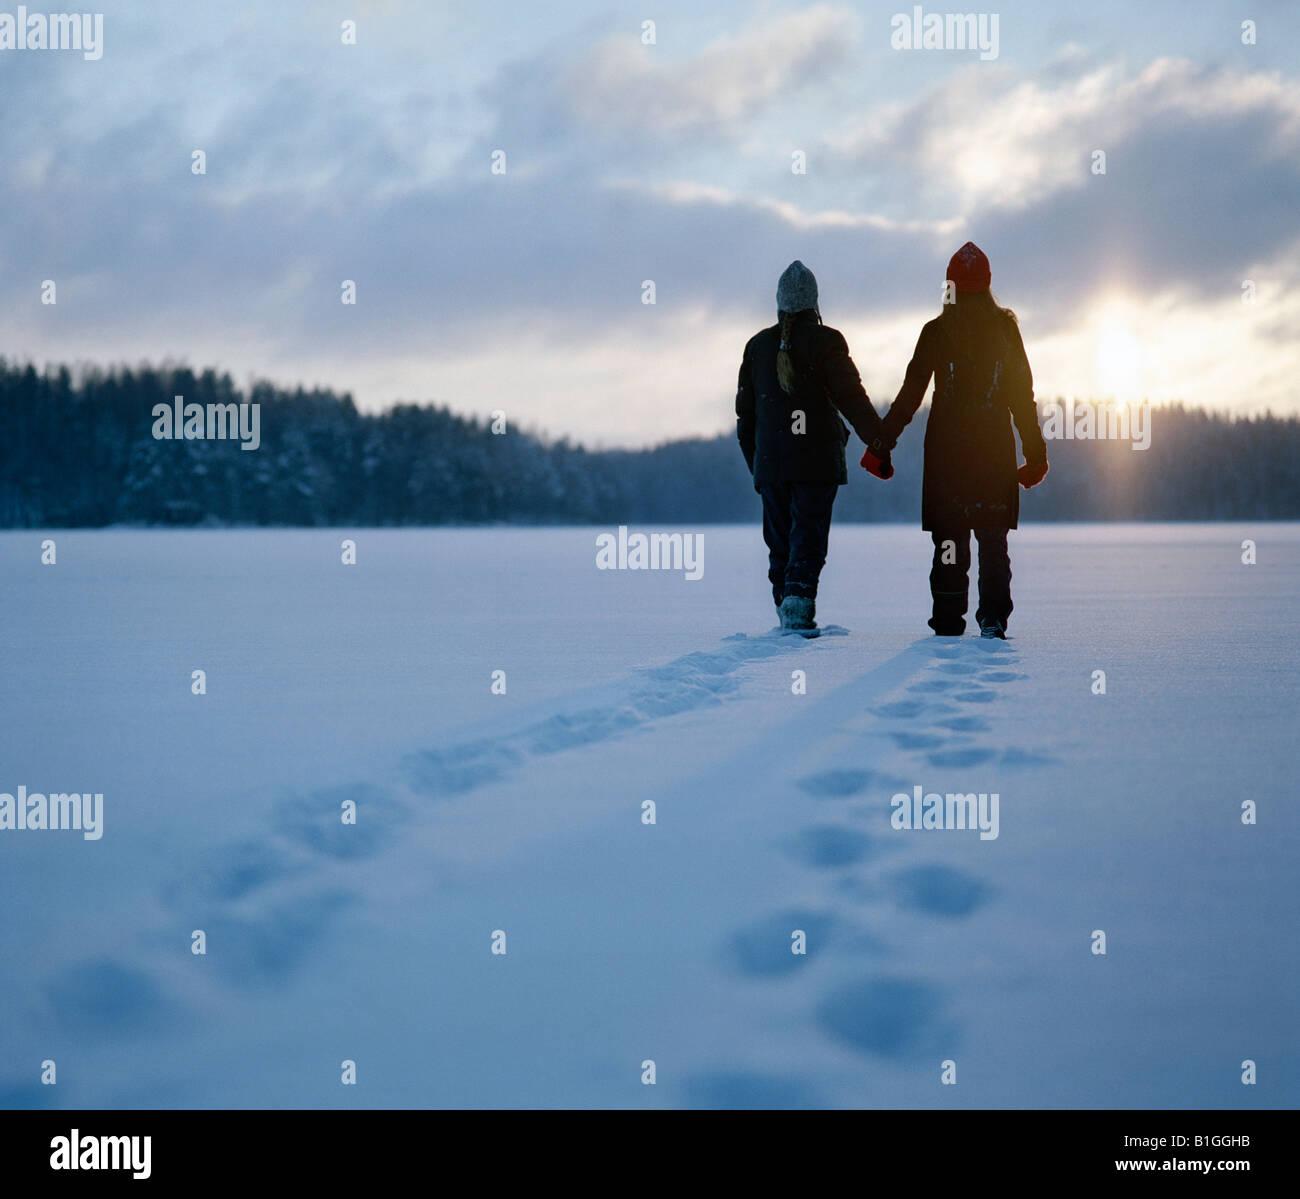 Silueta de dos jóvenes mujeres de pie en la nieve de Finlandia Imagen De Stock